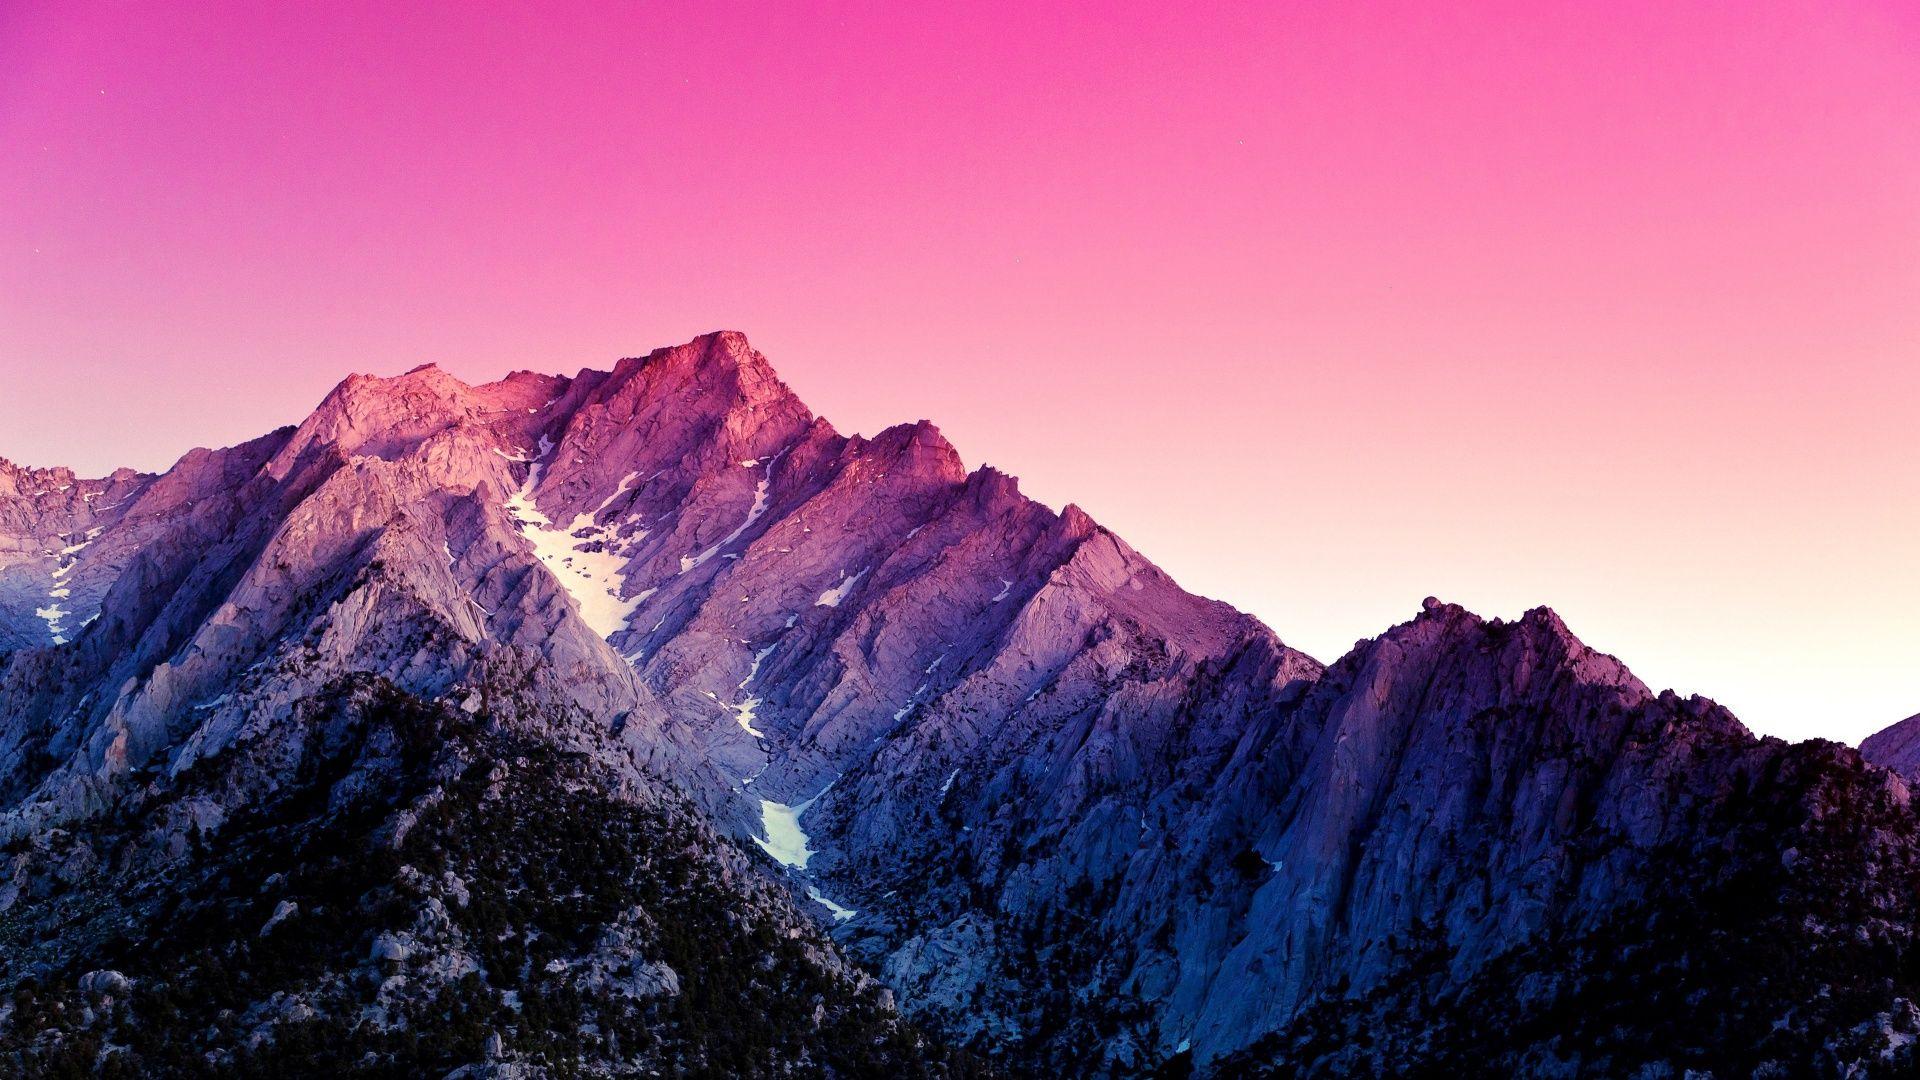 Misty Mountains Hd Desktop Wallpaper Widescreen High Mountain Wallpaper Black And White Wallpaper Nature Wallpaper